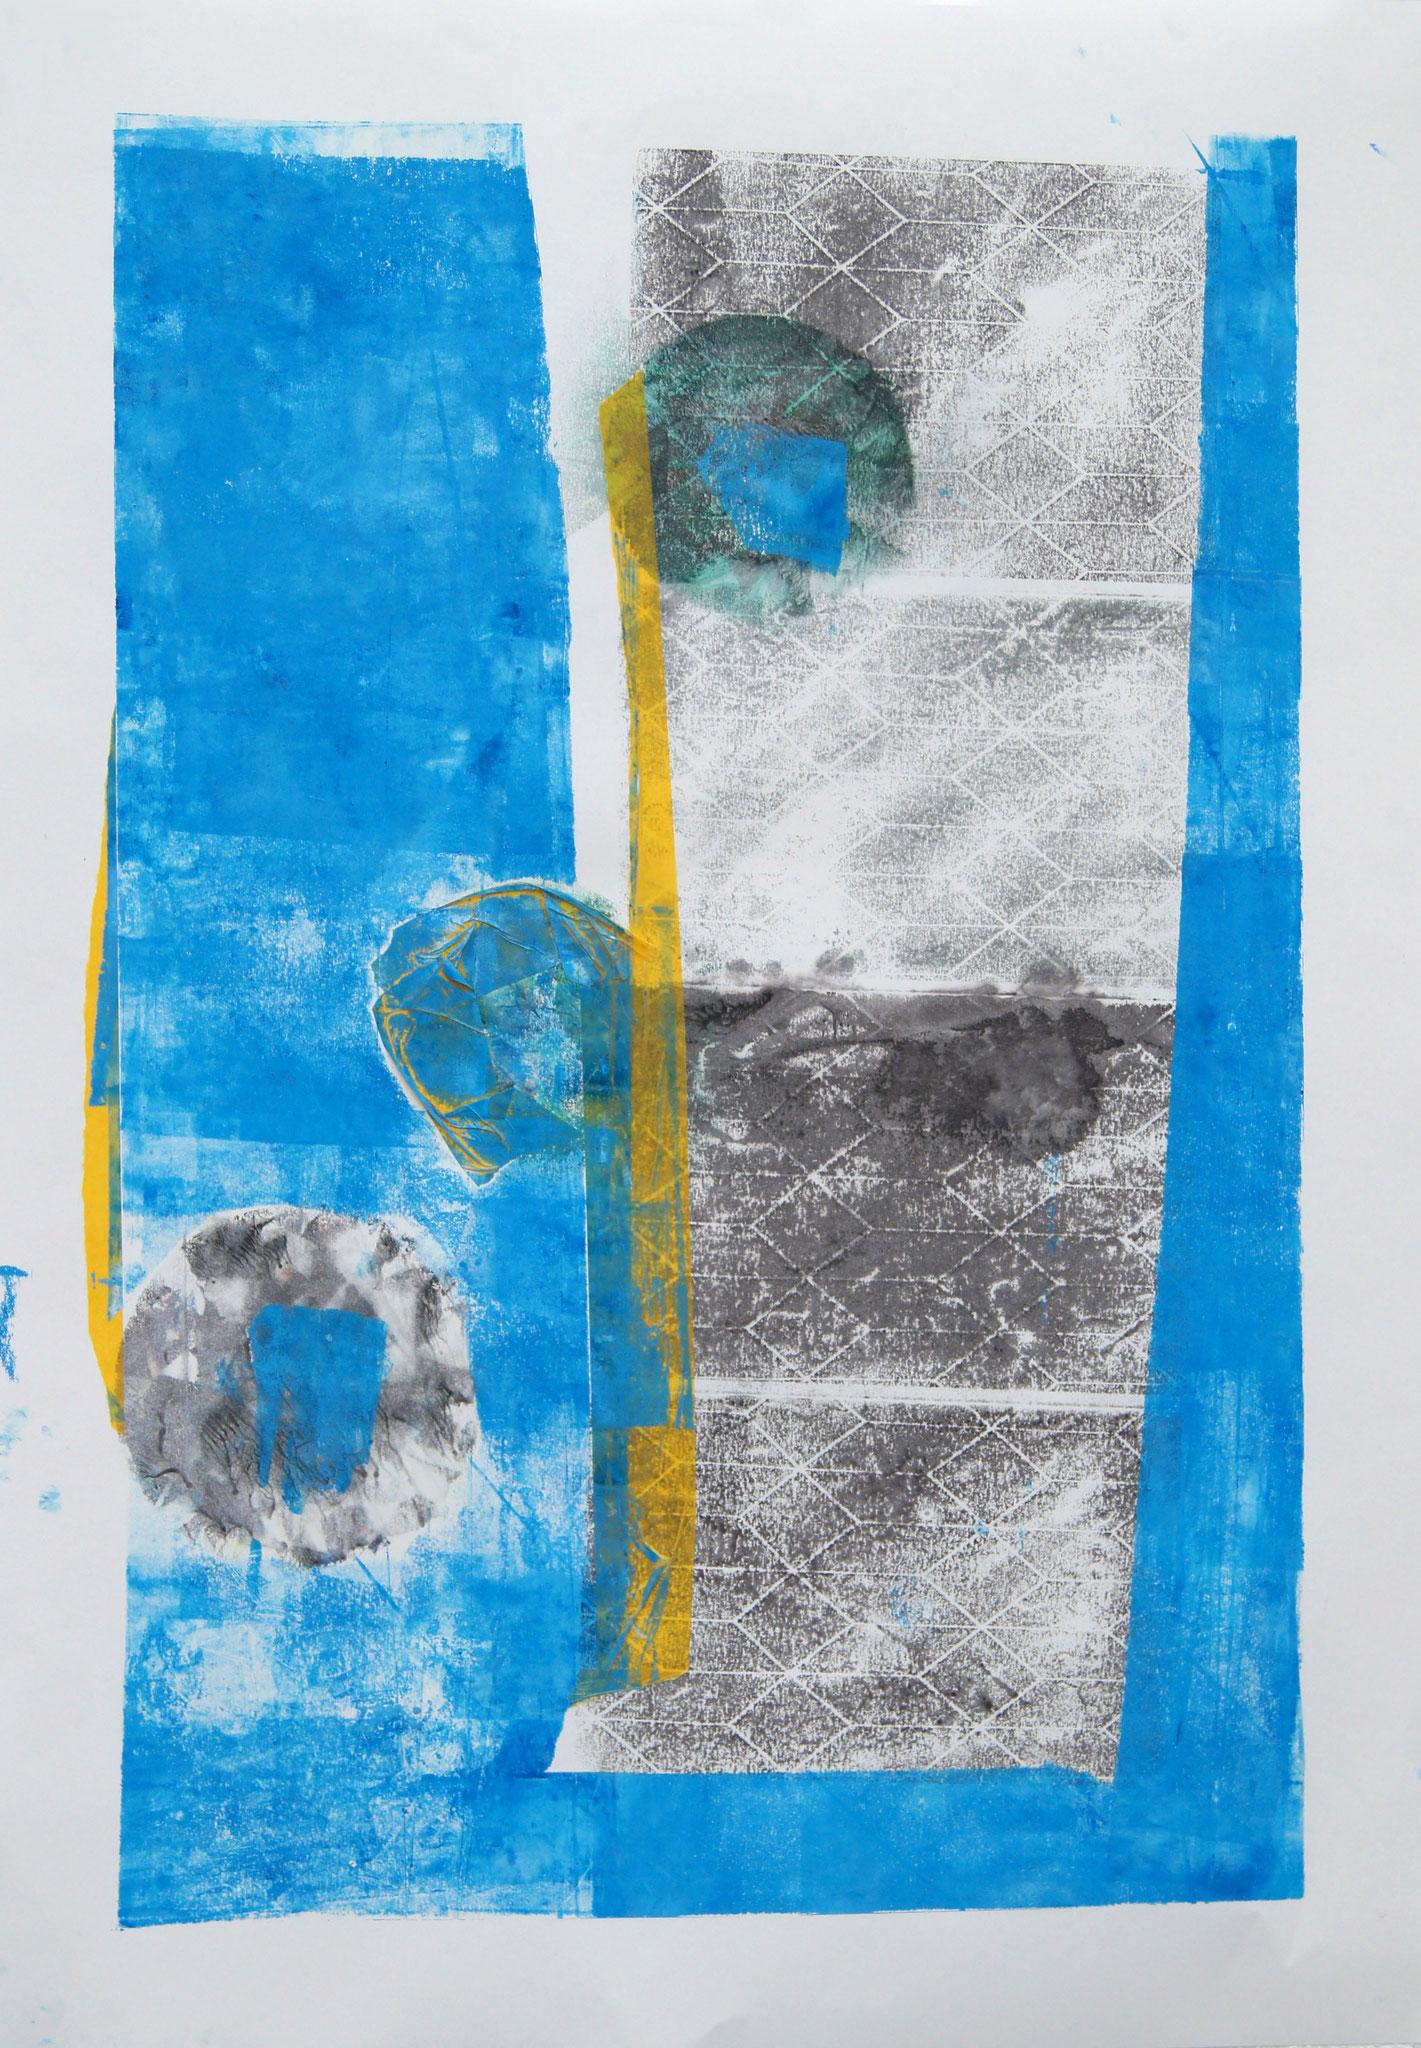 Lucy cries crystal stripes  22 teilige Druckserie  Mischtechnik, a 70x100 cm